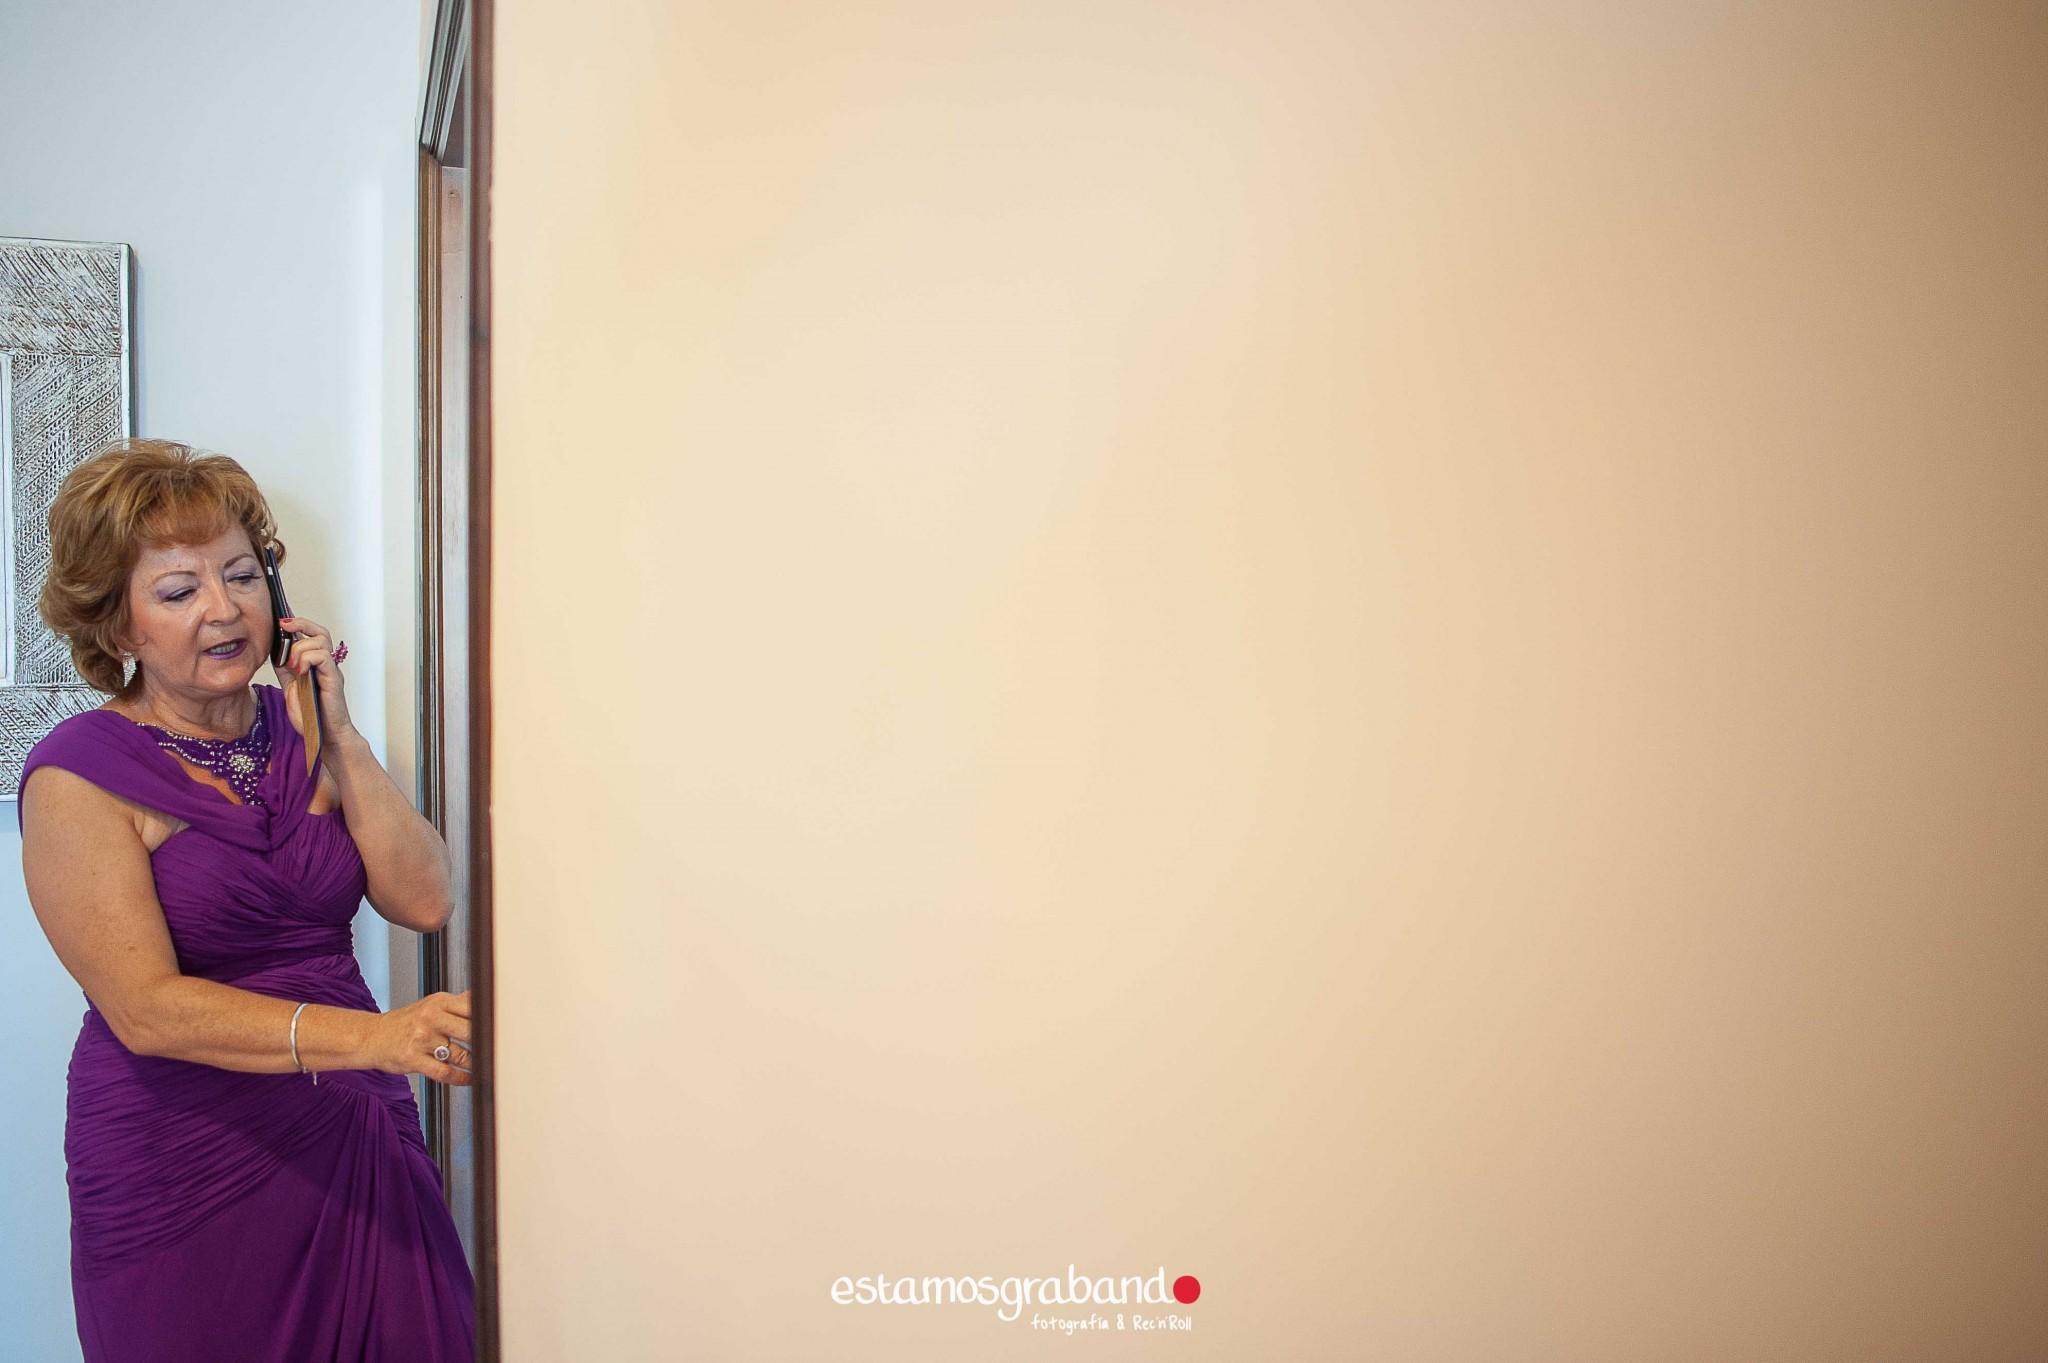 boda-en-chiclana_sonia-y-diego_fotograficc81a-de-boda-24 Zahara Sonia + Diego [Fotografía de Boda en Zahara] - video boda cadiz